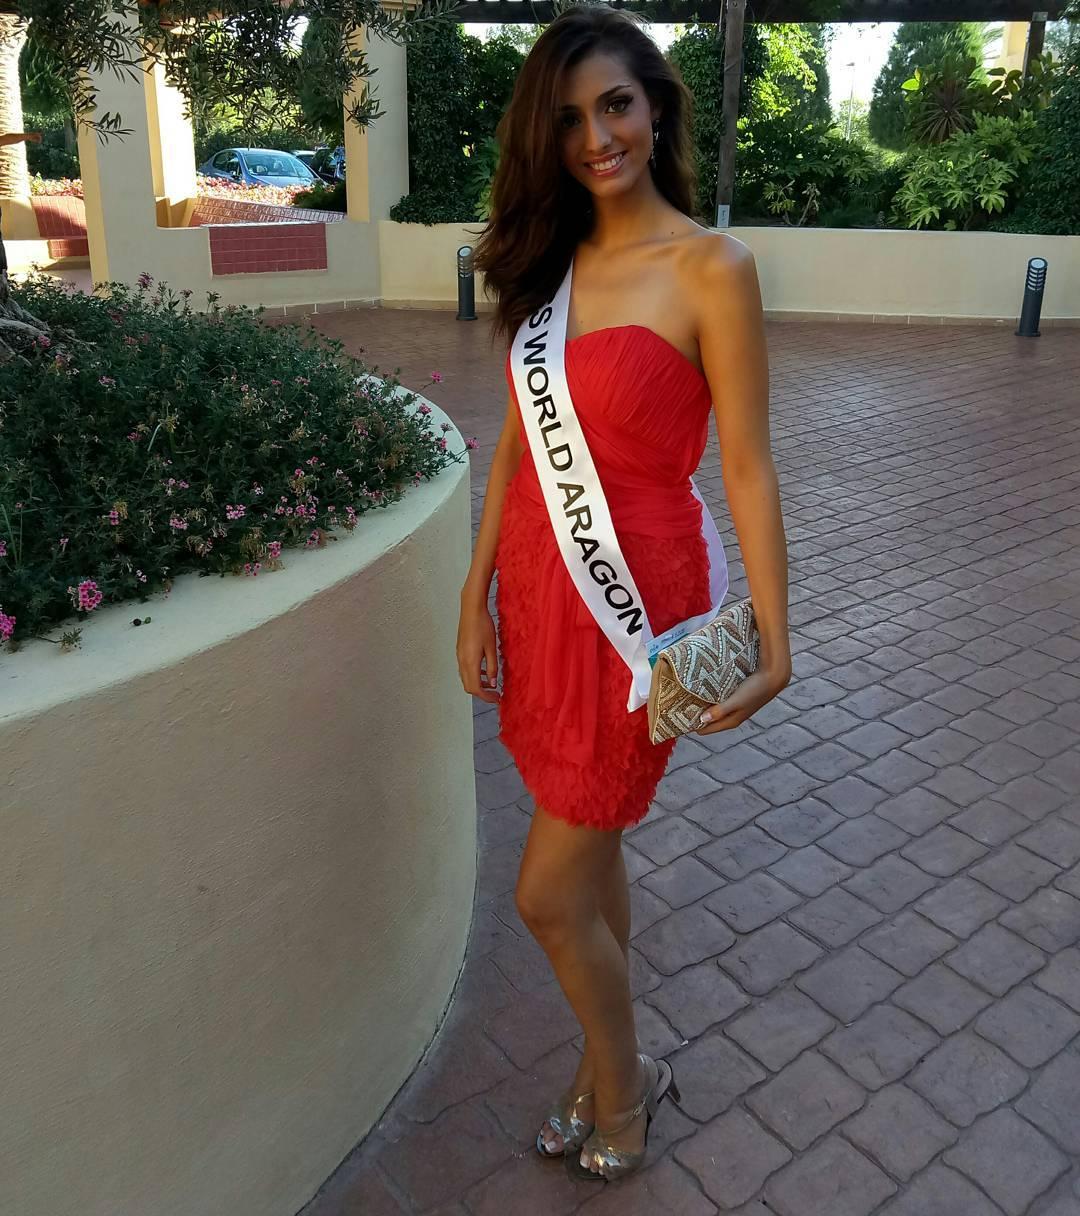 raquel tejedor, miss espana mundo 2016. - Página 2 Mia4ifrm